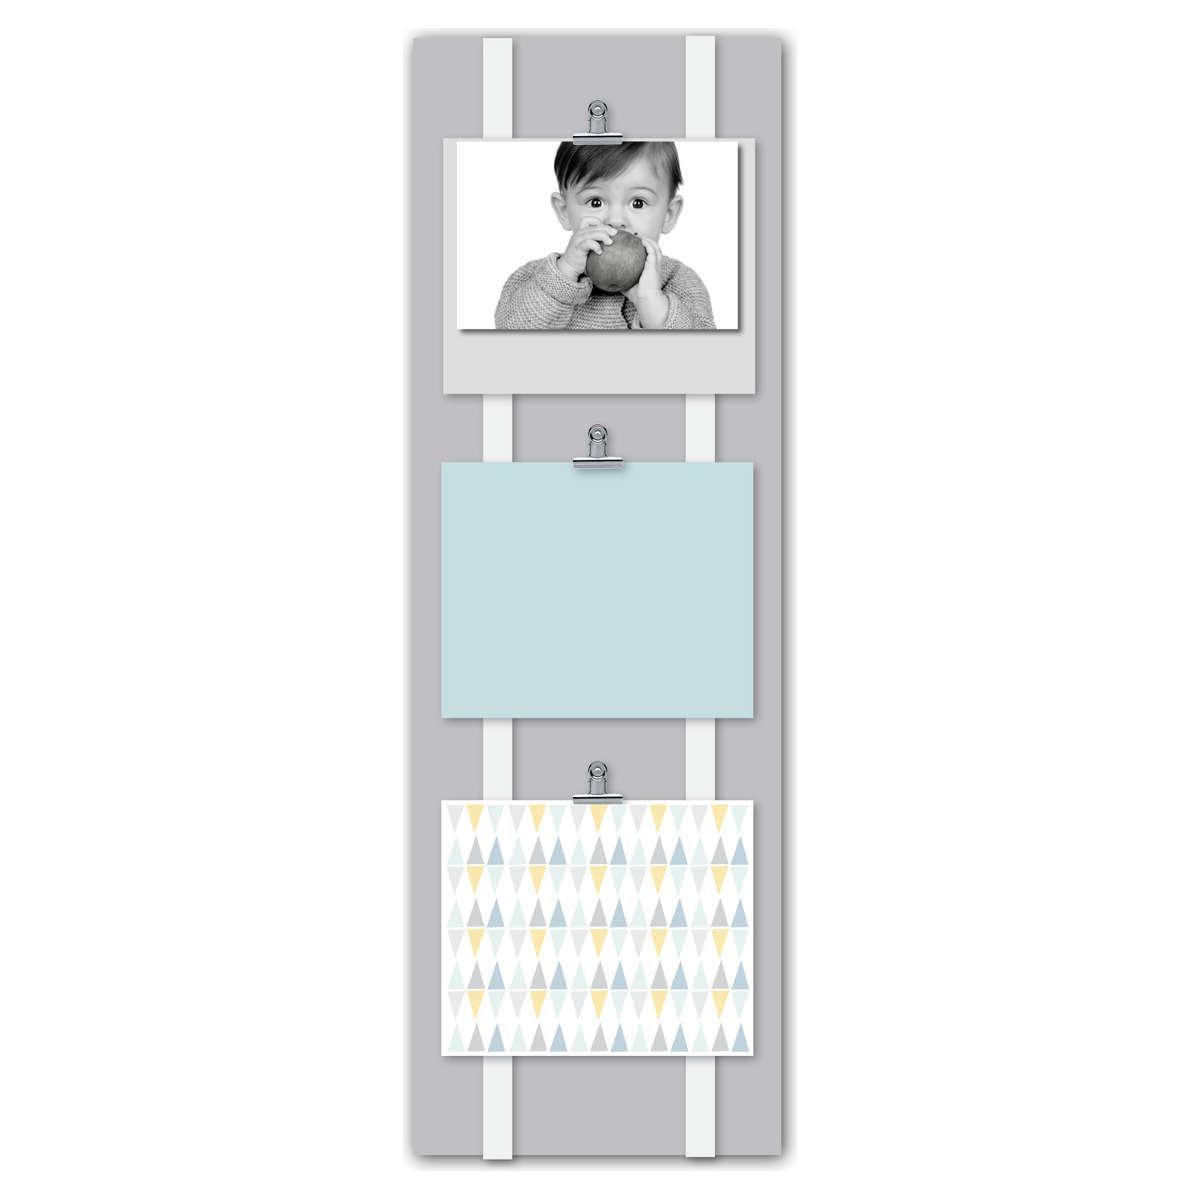 bruit guide d 39 achat. Black Bedroom Furniture Sets. Home Design Ideas